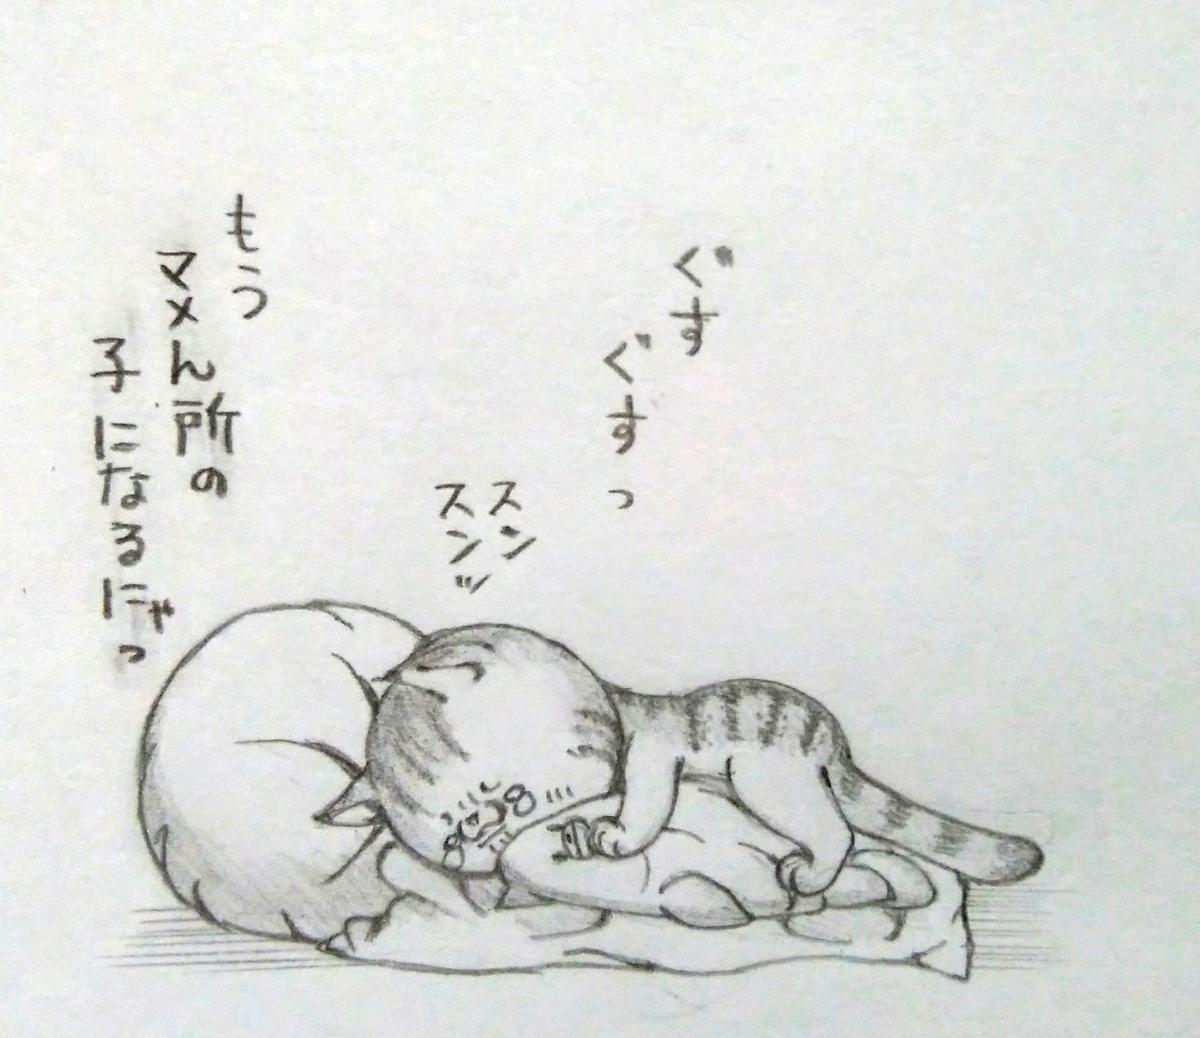 f:id:maricats:20200927211419j:plain